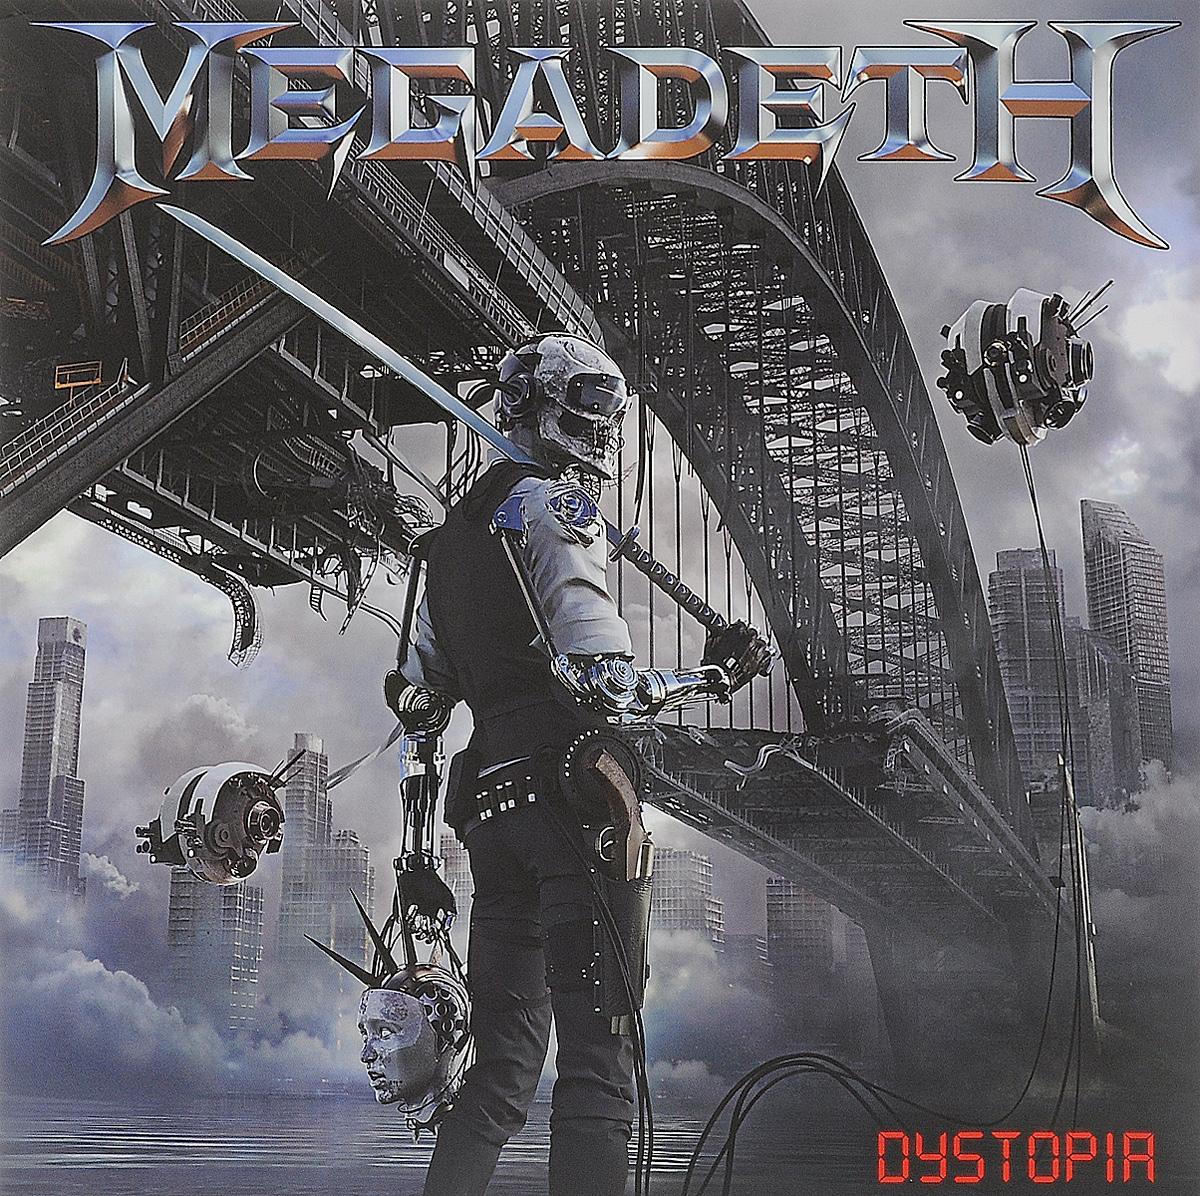 Megadeth. Dystopia (LP)